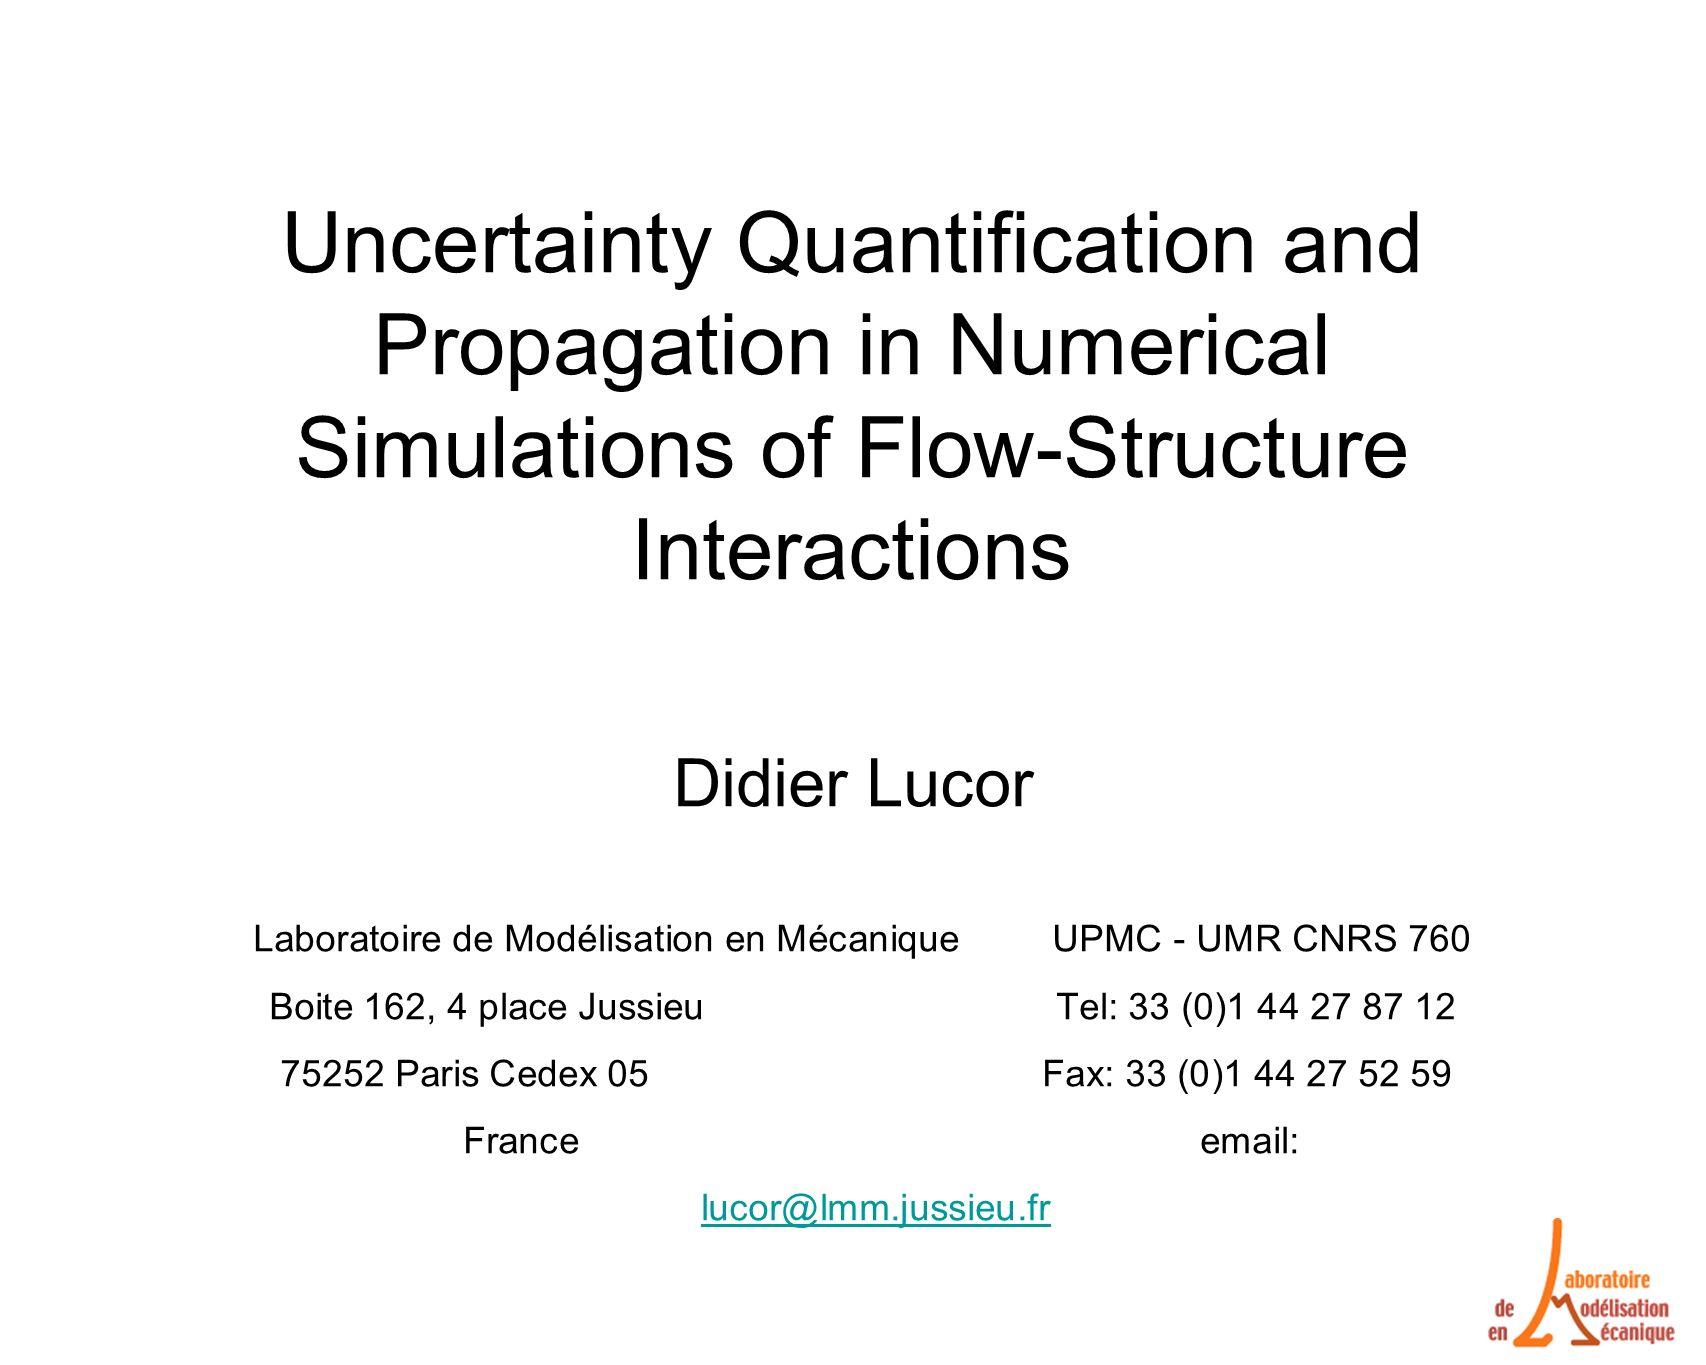 Uncertainty Quantification and Propagation in Numerical Simulations of Flow-Structure Interactions Didier Lucor Laboratoire de Modélisation en Mécanique UPMC - UMR CNRS 760 Boite 162, 4 place Jussieu Tel: 33 (0)1 44 27 87 12 75252 Paris Cedex 05 Fax: 33 (0)1 44 27 52 59 France email: lucor@lmm.jussieu.fr lucor@lmm.jussieu.fr